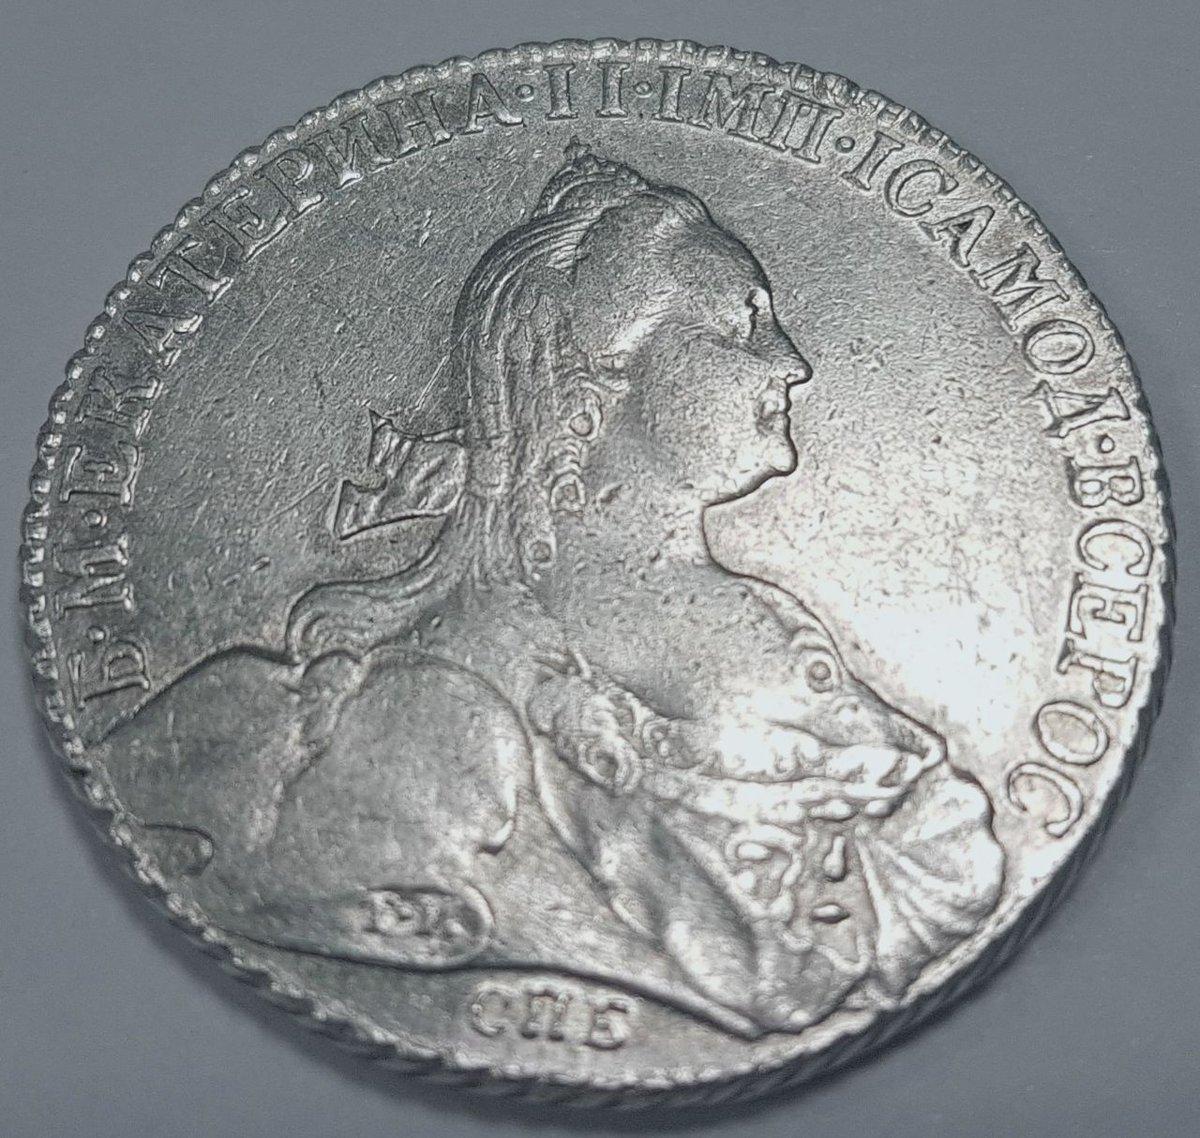 ровная обрешетка монеты екатерининской эпохи фото это орган виде